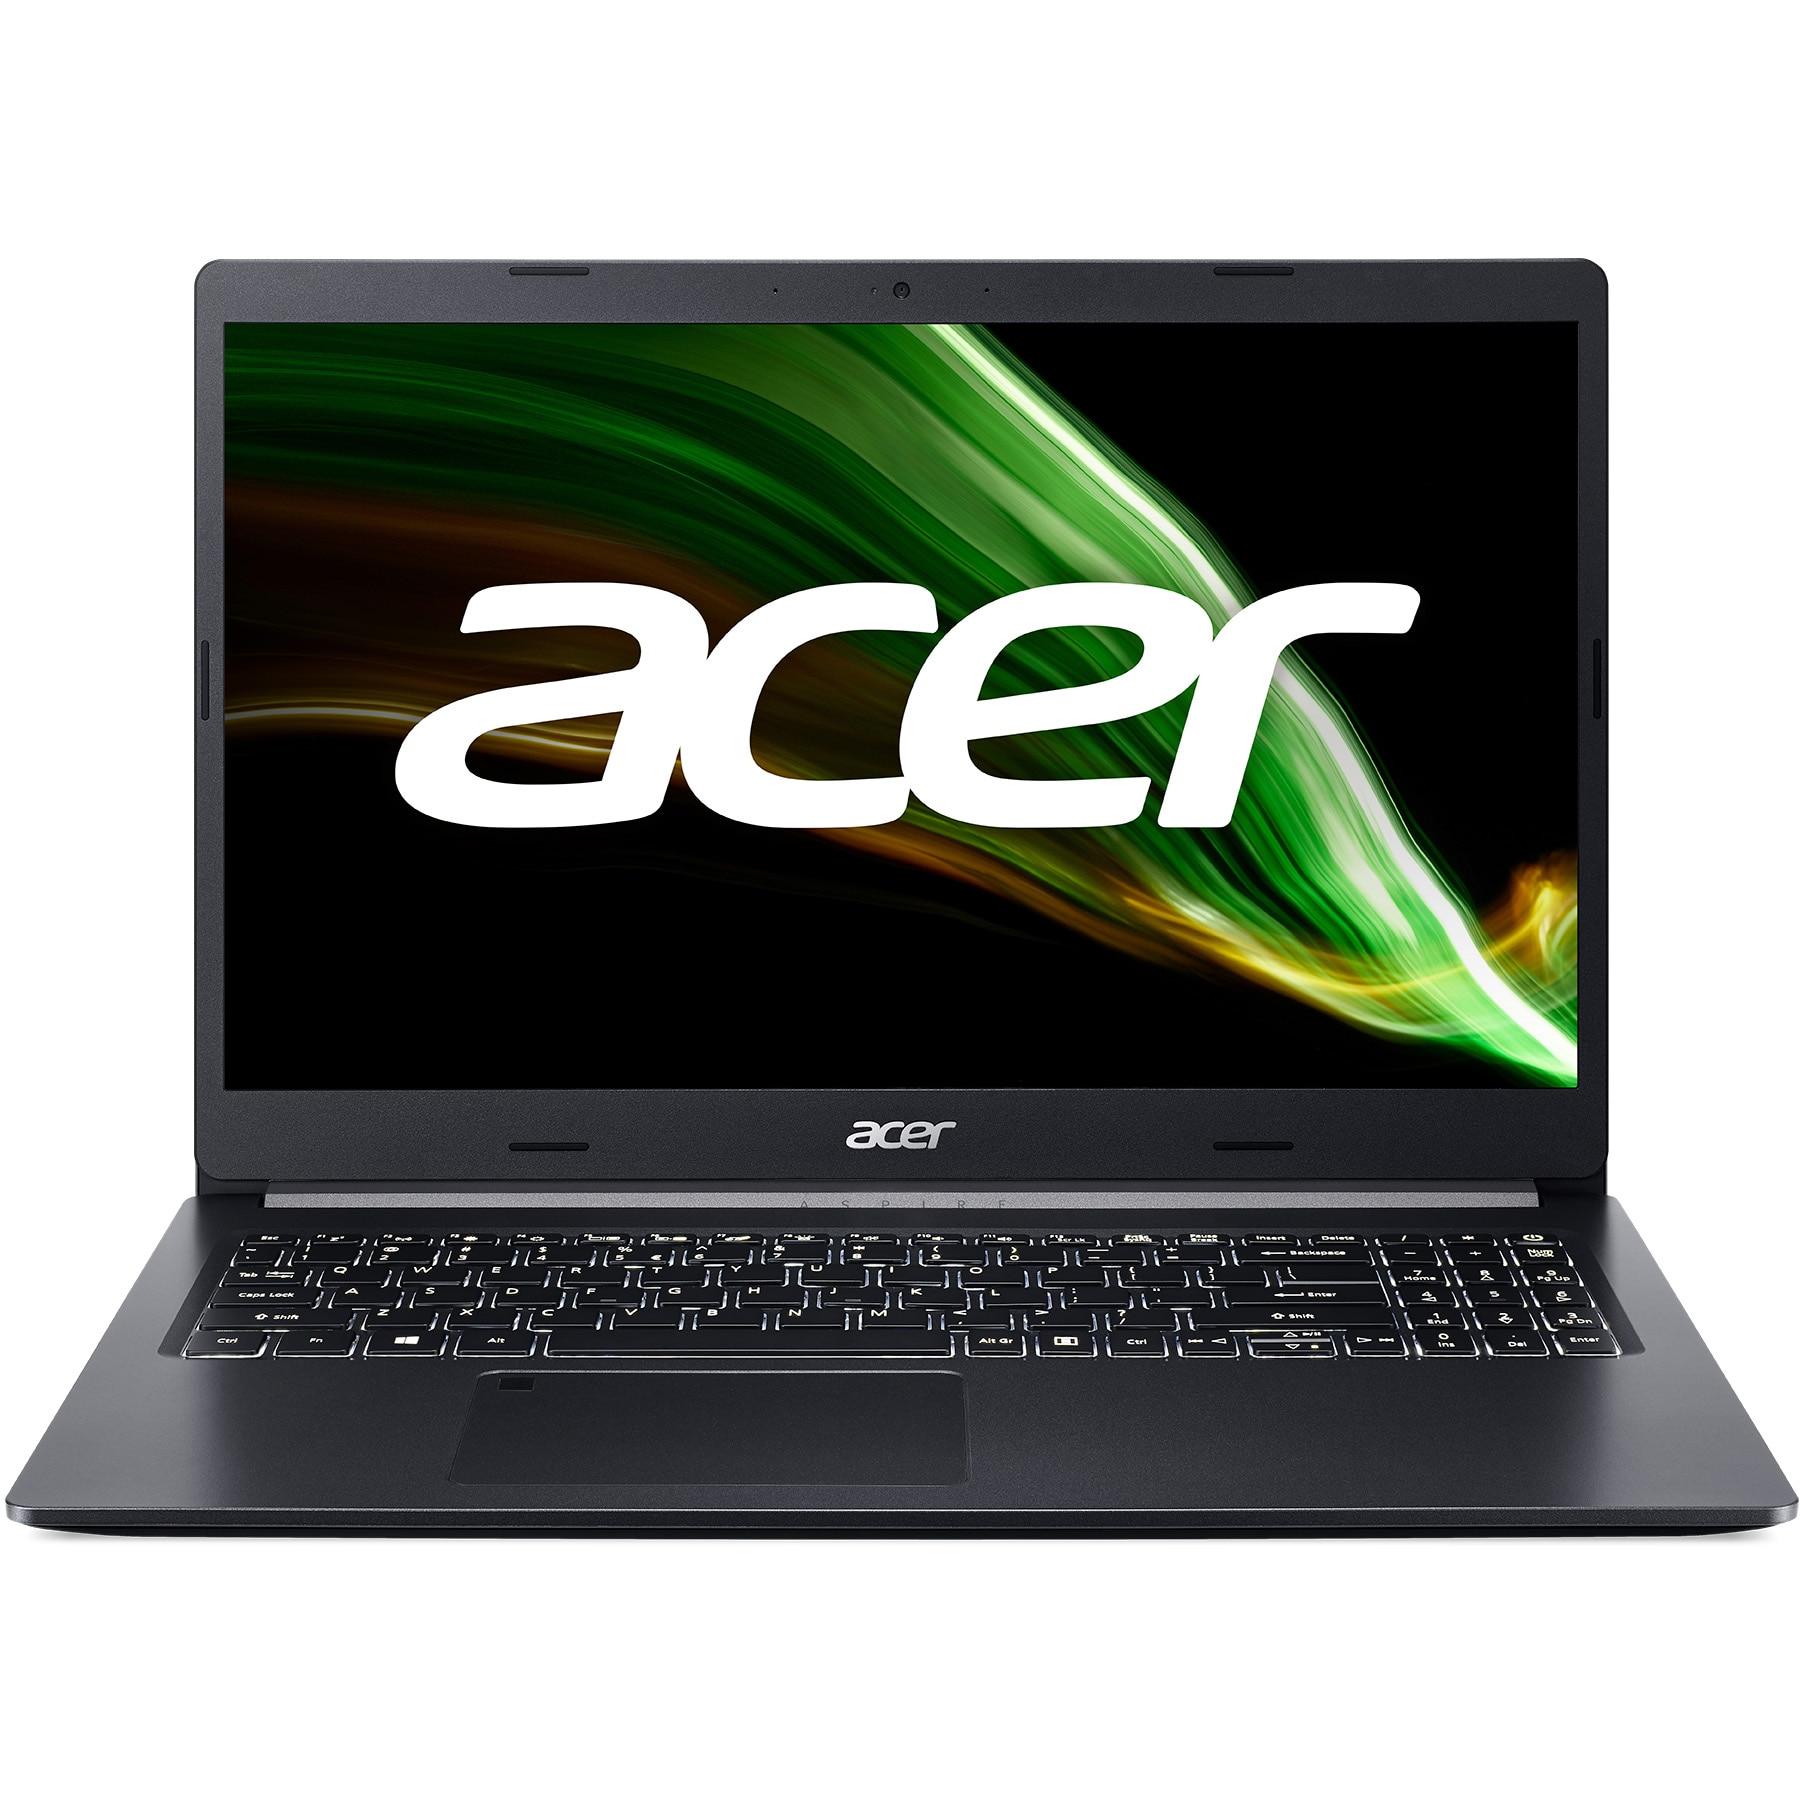 """Fotografie Laptop Acer Aspire 5 A515 cu procesor AMD Ryzen 5 5500U, 15.6"""", Full HD, 16GB, 512GB SSD, AMD Radeon™ RX 640 2GB, No OS, Black"""